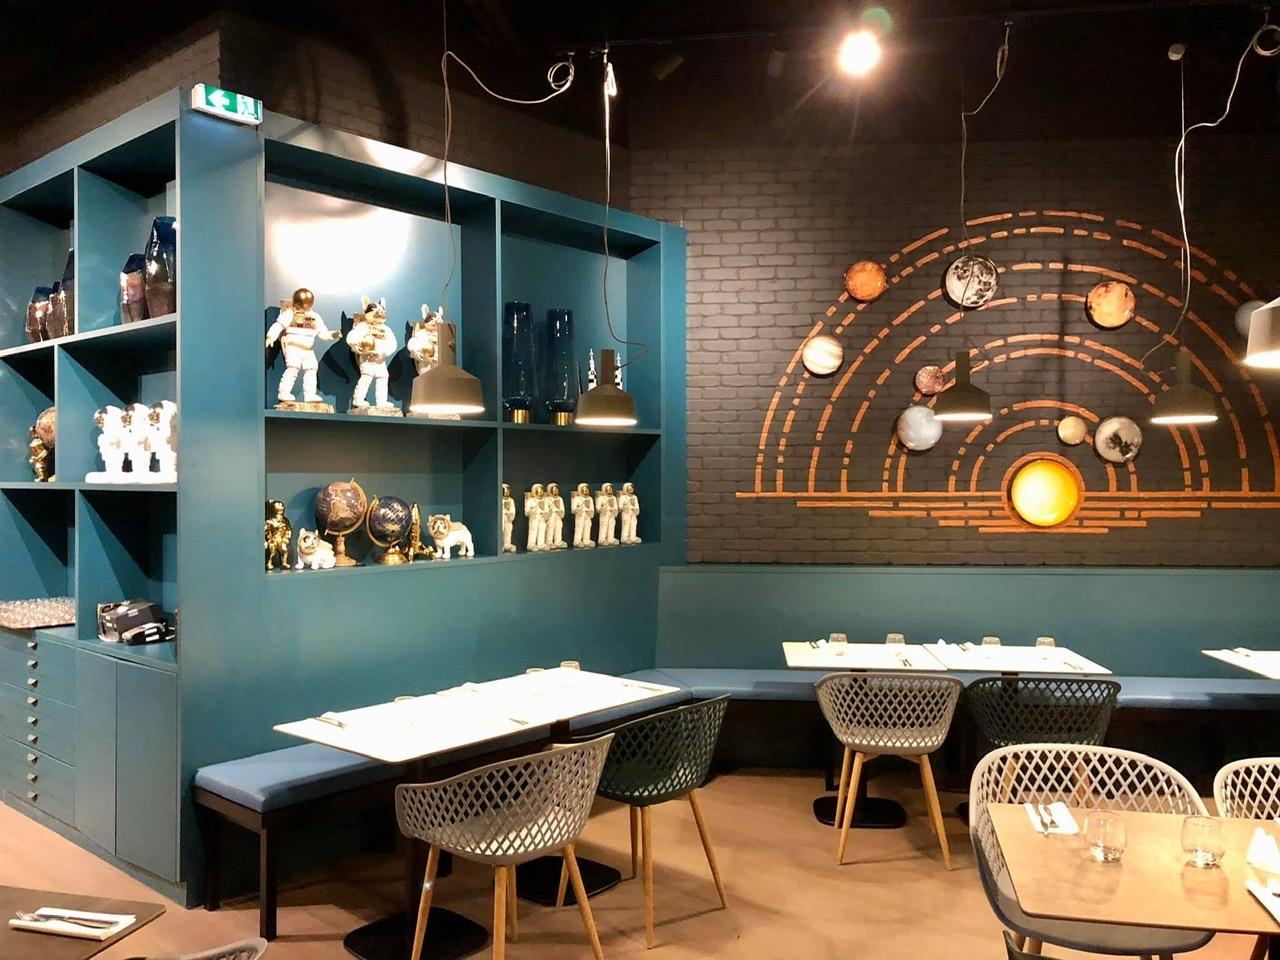 atelier - [Restaurant] L'Atelier des Saveurs · 2020 79-DDD651-1493-43-D9-9-F3-D-92-B3-FF010675